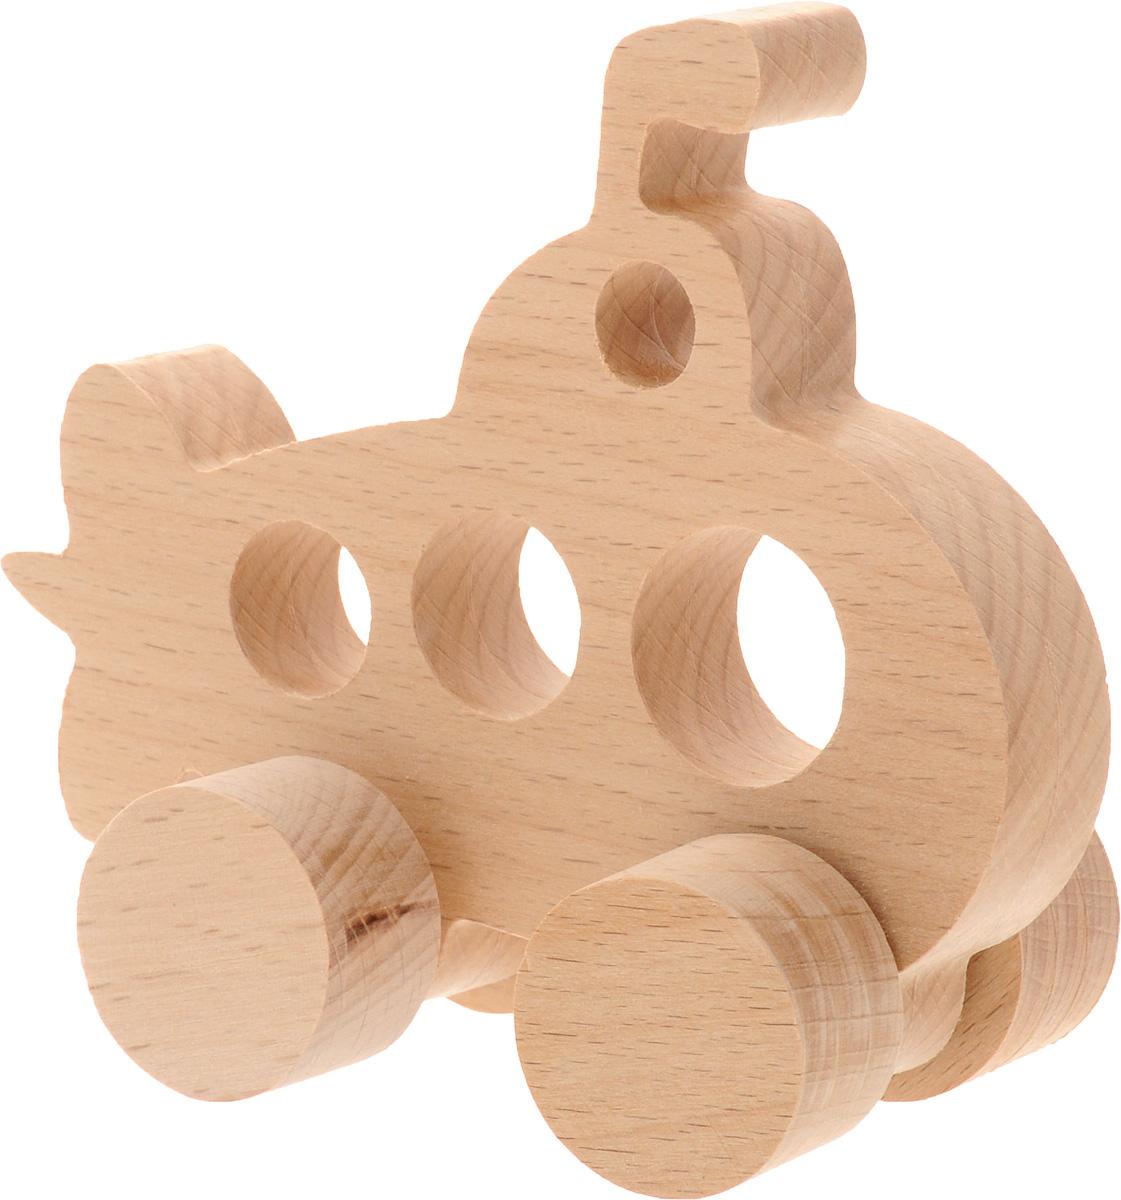 Волшебный городок Игрушка-каталка Подводная лодкаКПЛБДеревянная игрушка-каталка Волшебный городок Подводная лодка развивает моторику ребенка, логику, пространственное мышление, зрительное восприятие и внимание малыша. Игрушка выполнена из высококачественного дерева, что абсолютно исключает вероятность травмирования. Понравится каждому малышу и станет хорошим подарком.